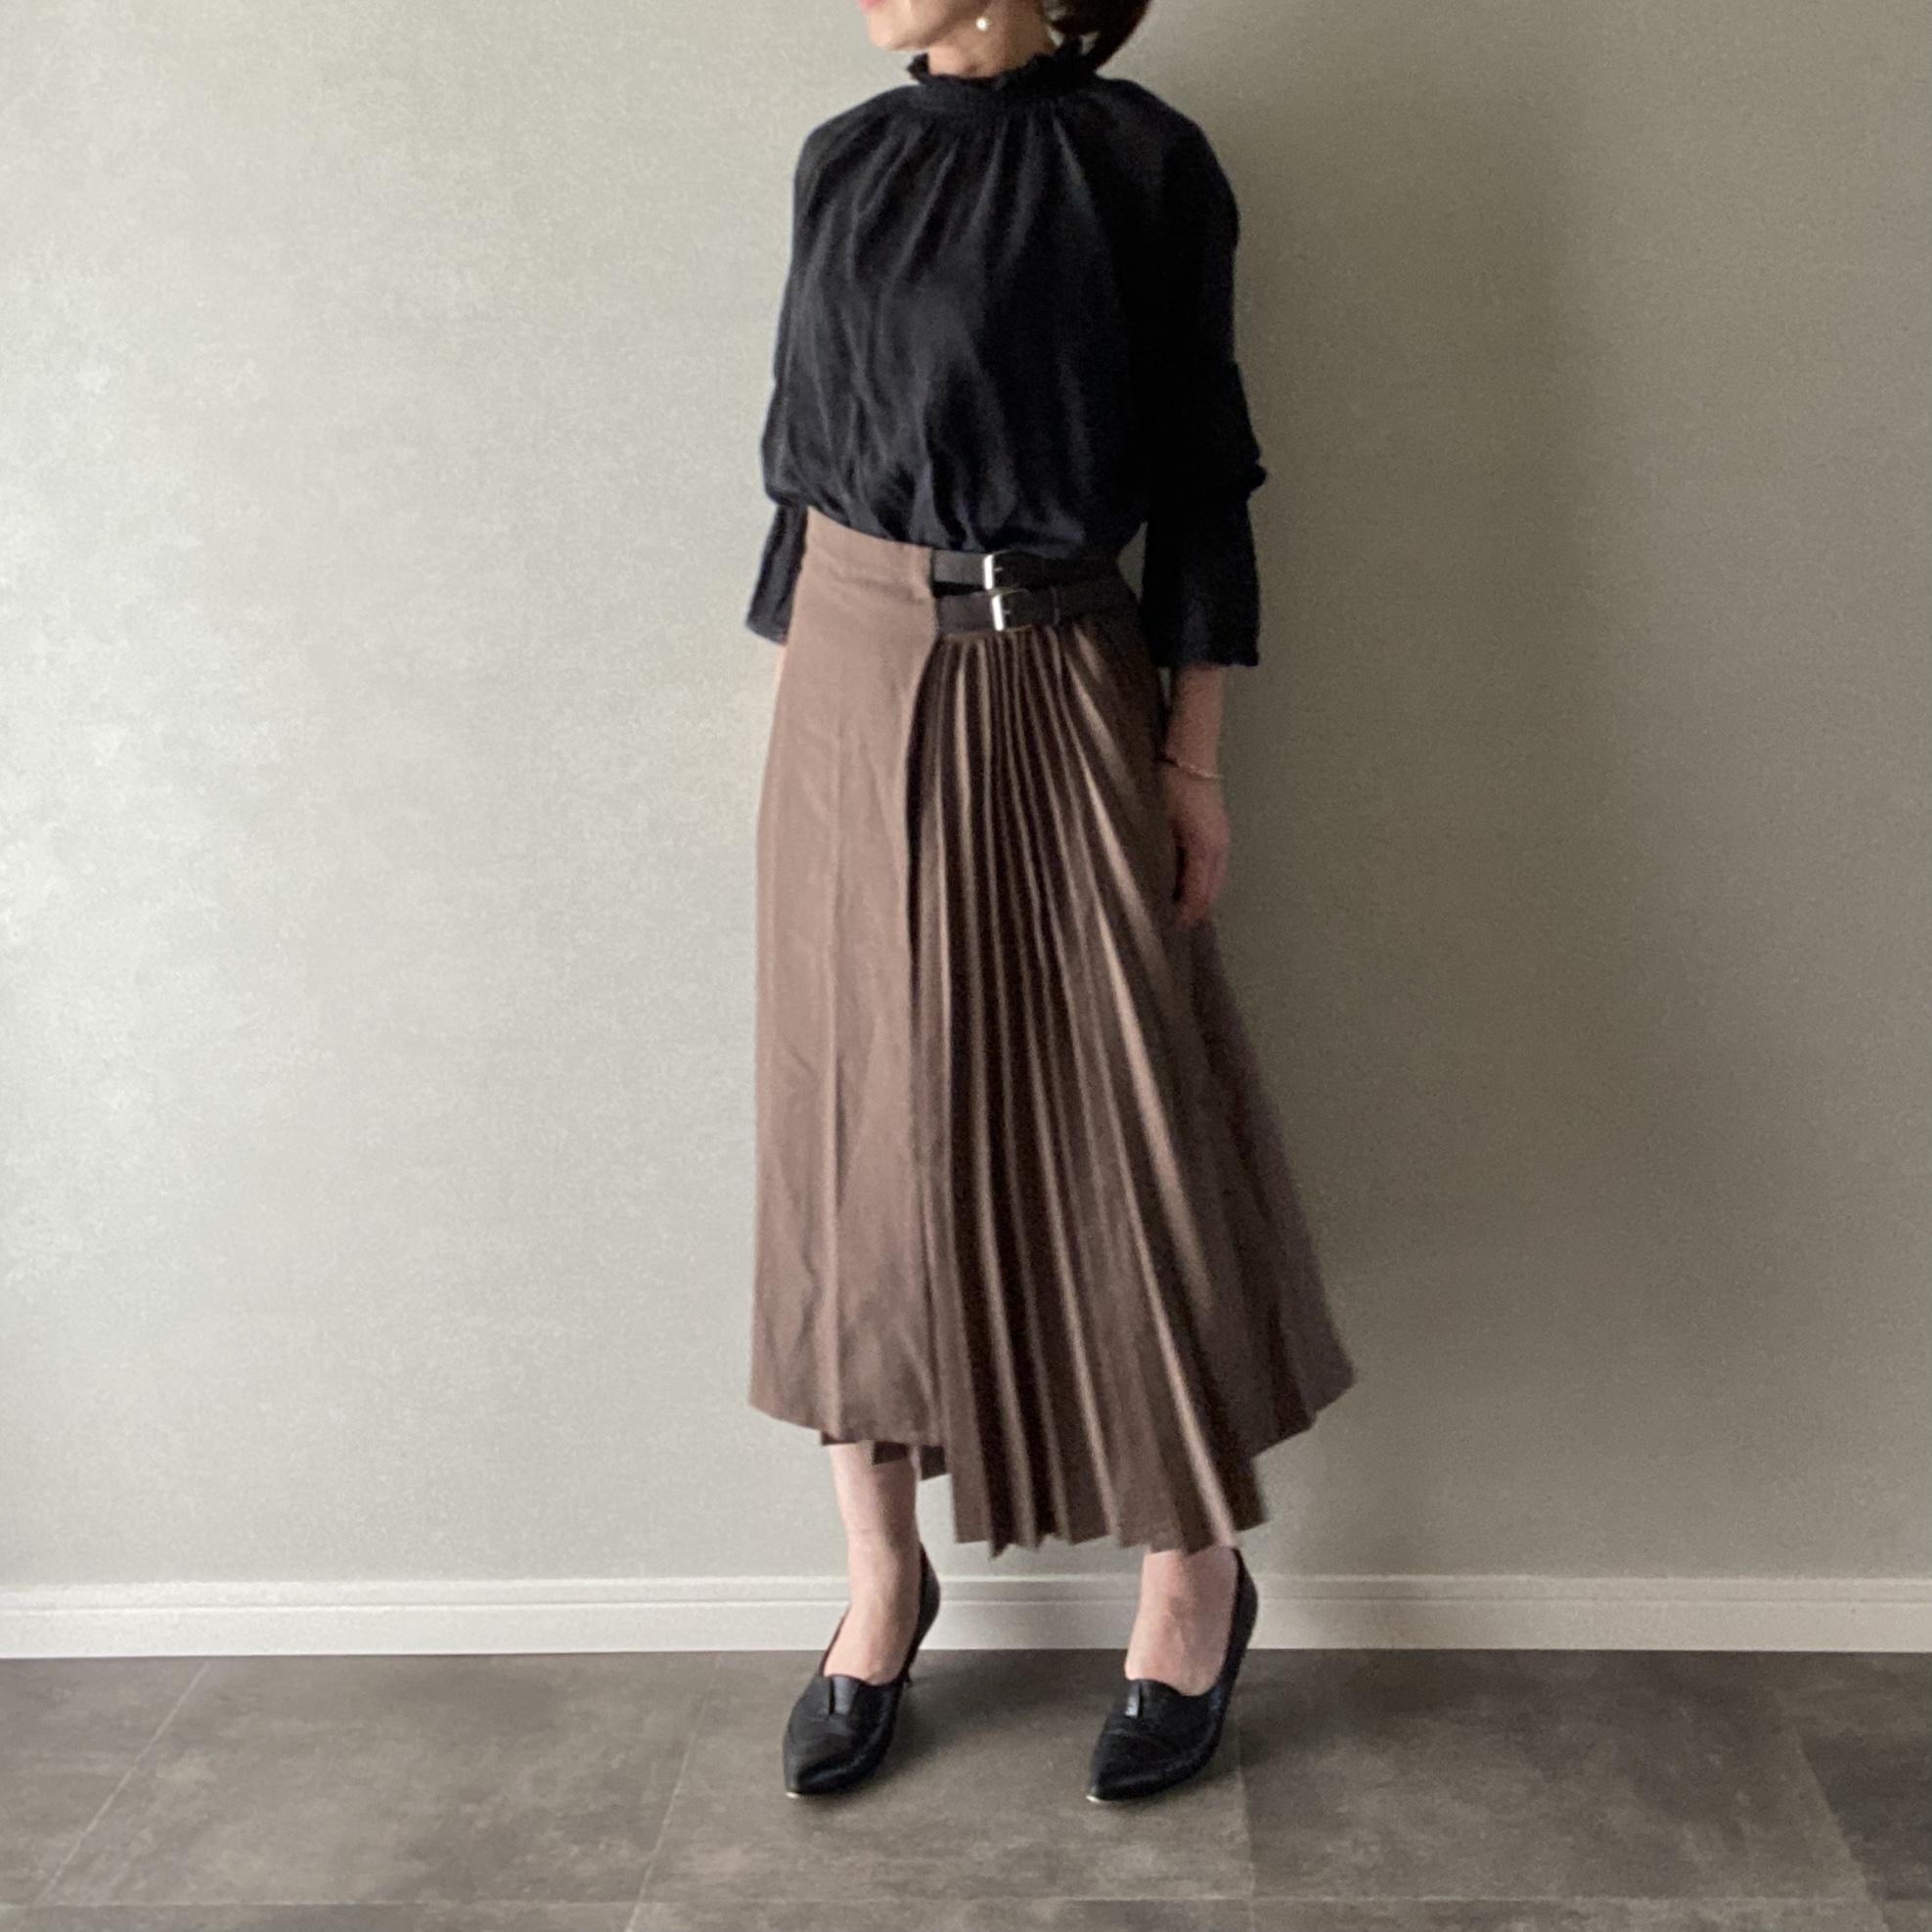 キレイめ☆ スカート プリーツ ベルト Aライン ブラウン Mサイズ【12900103】